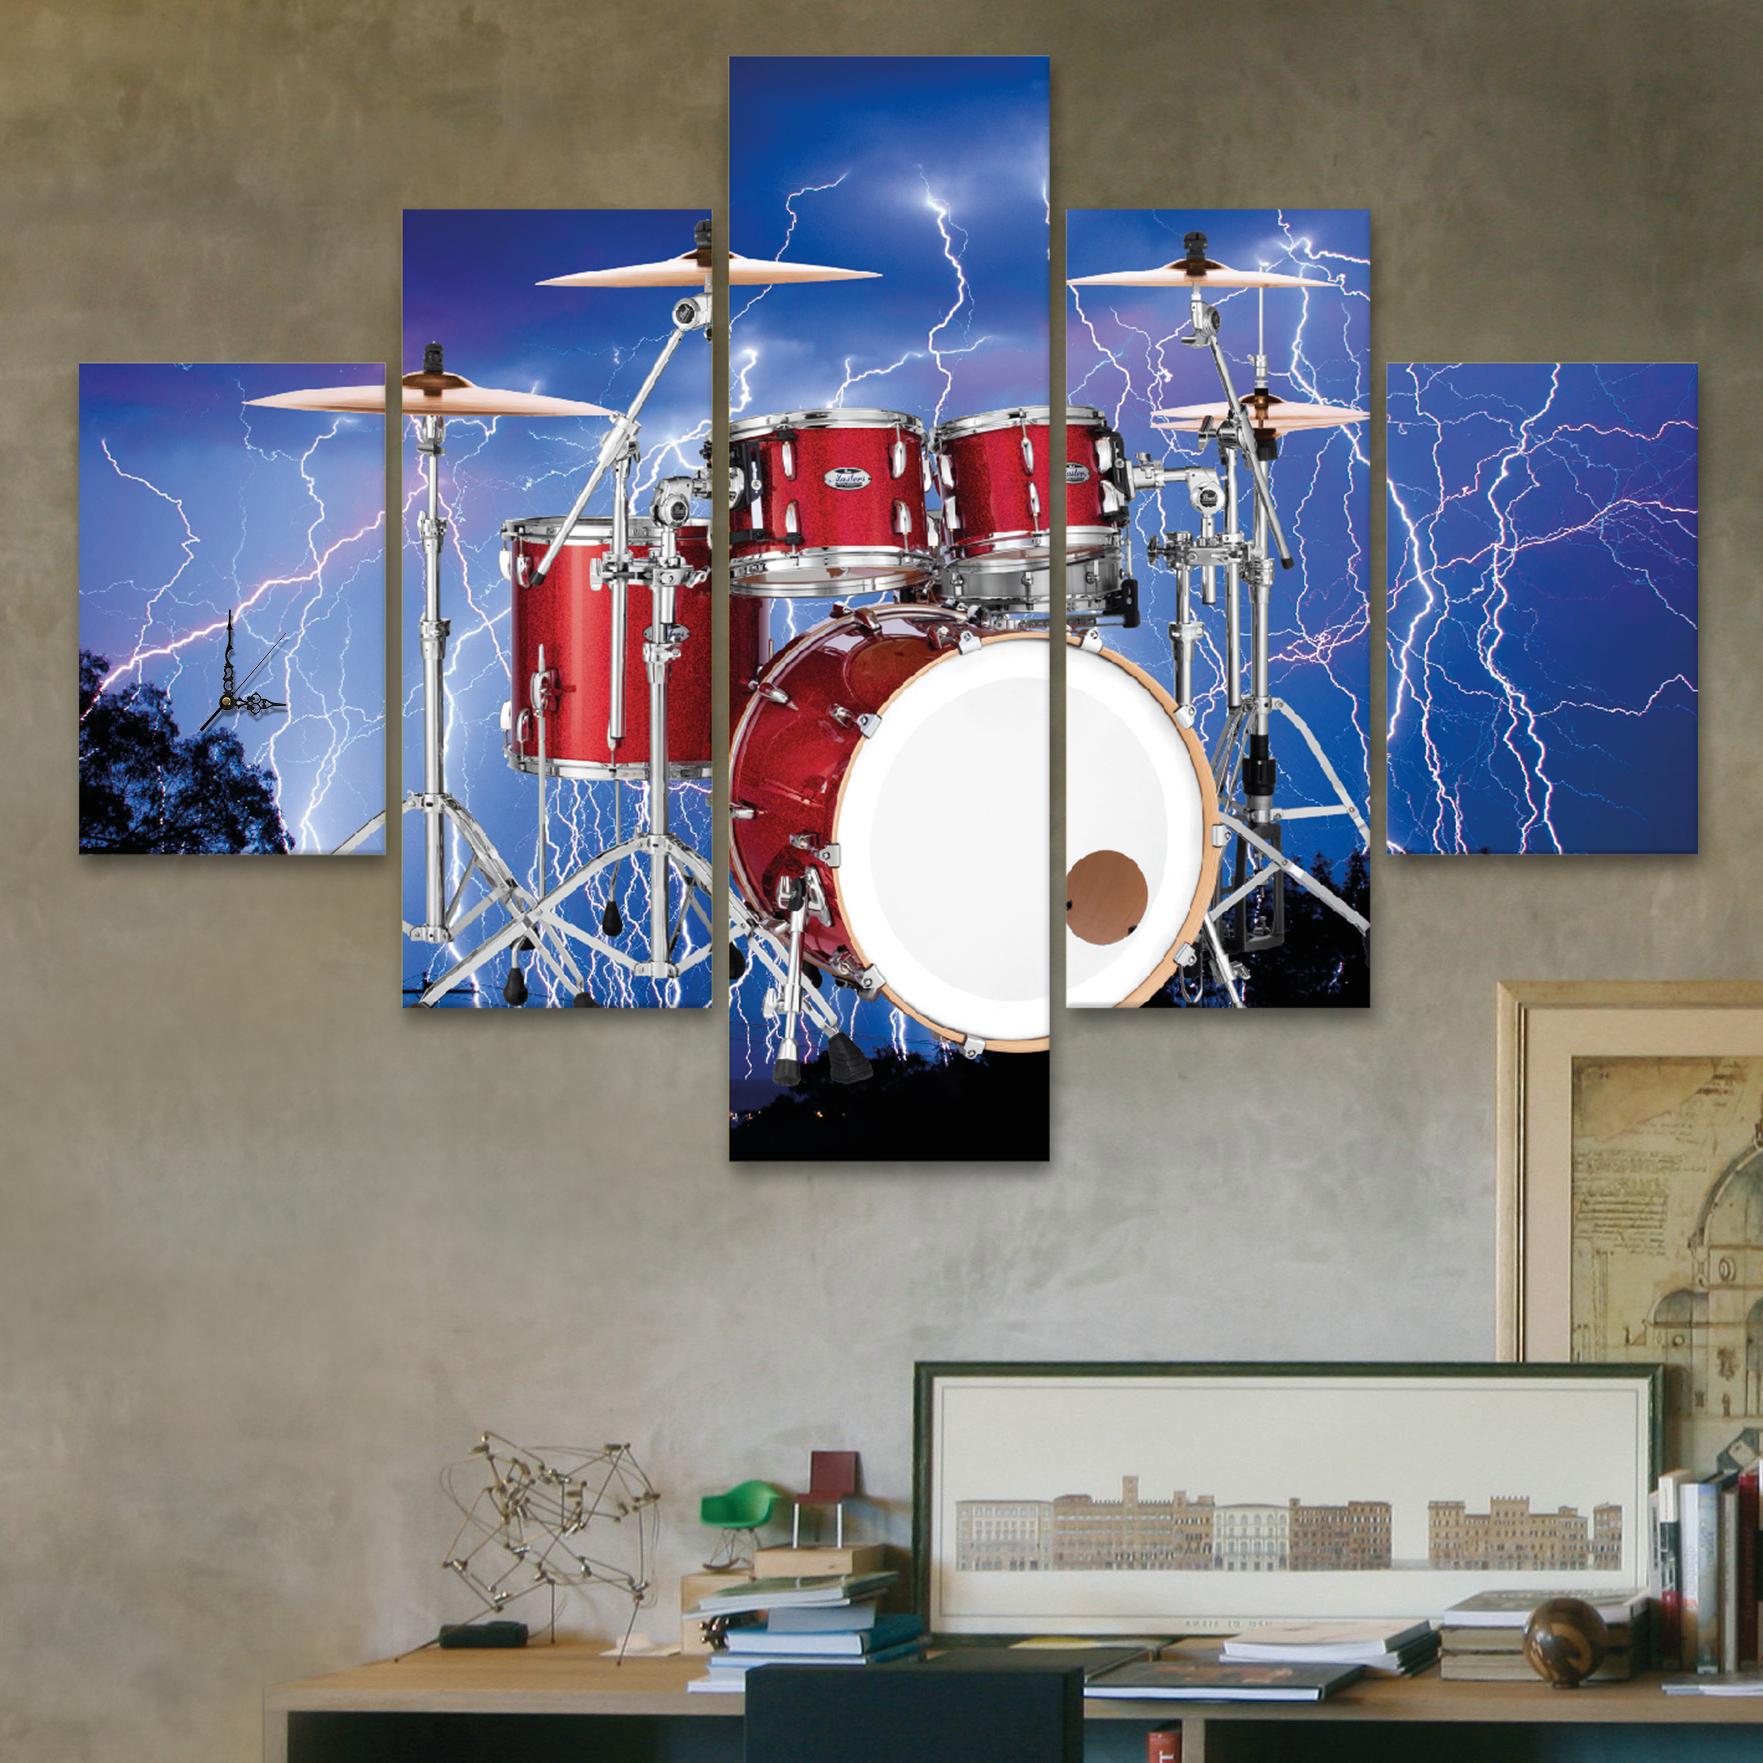 Bater a roja 110 cm x 70 cm cuadros decorativos for Donde puedo comprar cuadros decorativos